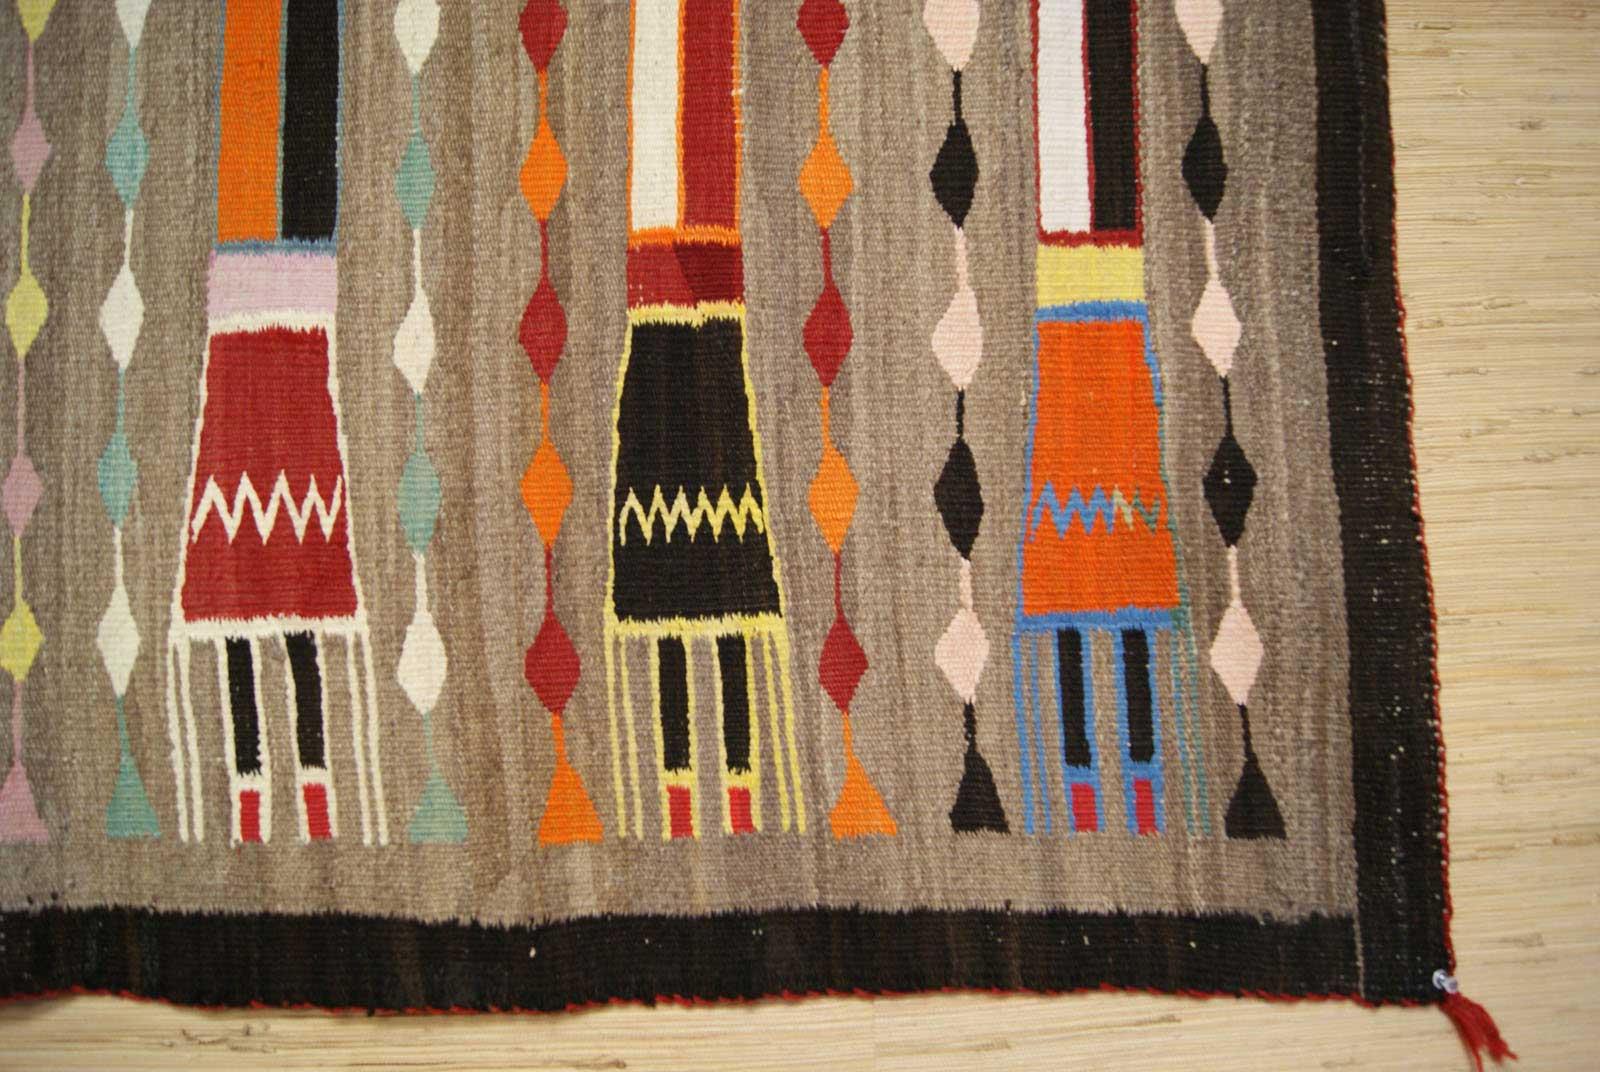 Six Female Yei Navajo Weaving From The Lukachukai Area